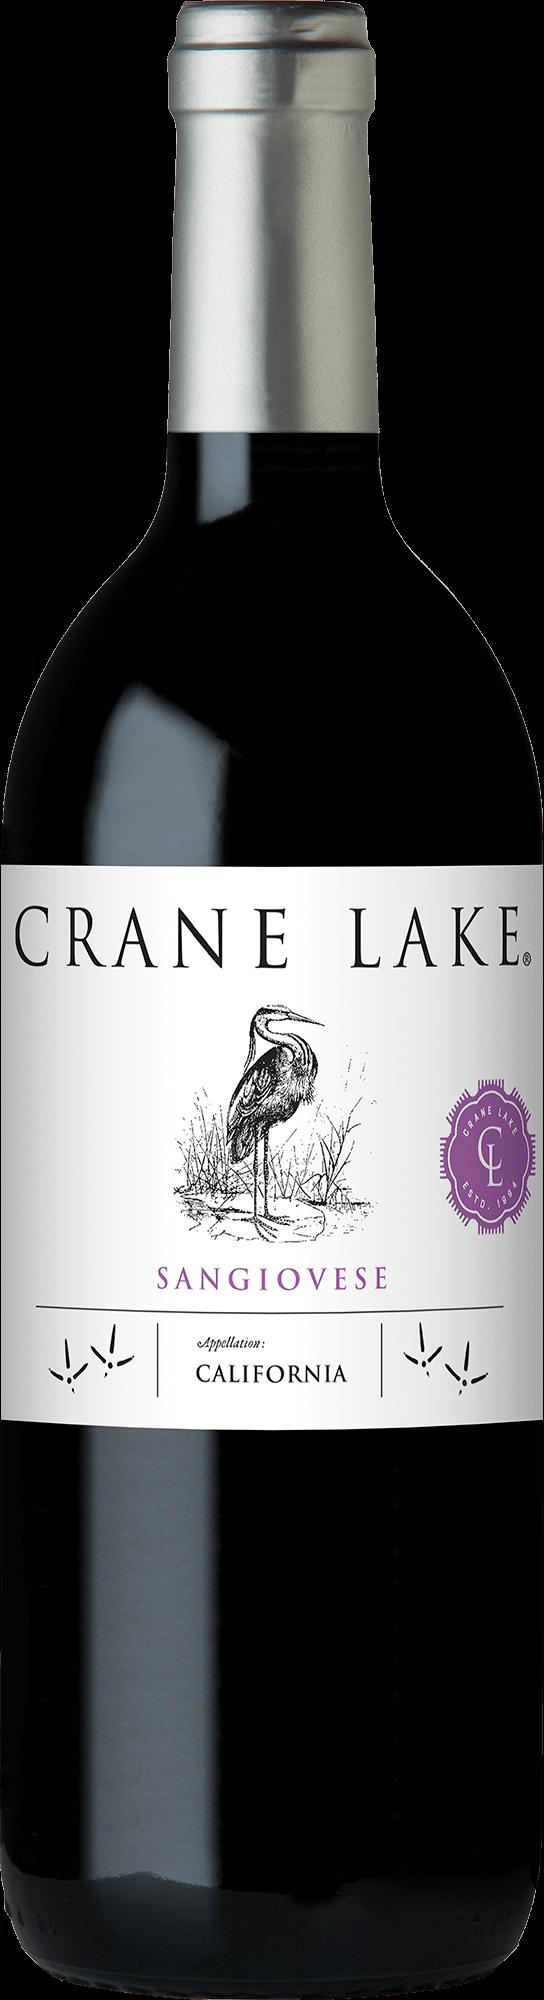 Crane Lake Sangiovese Bottleshots